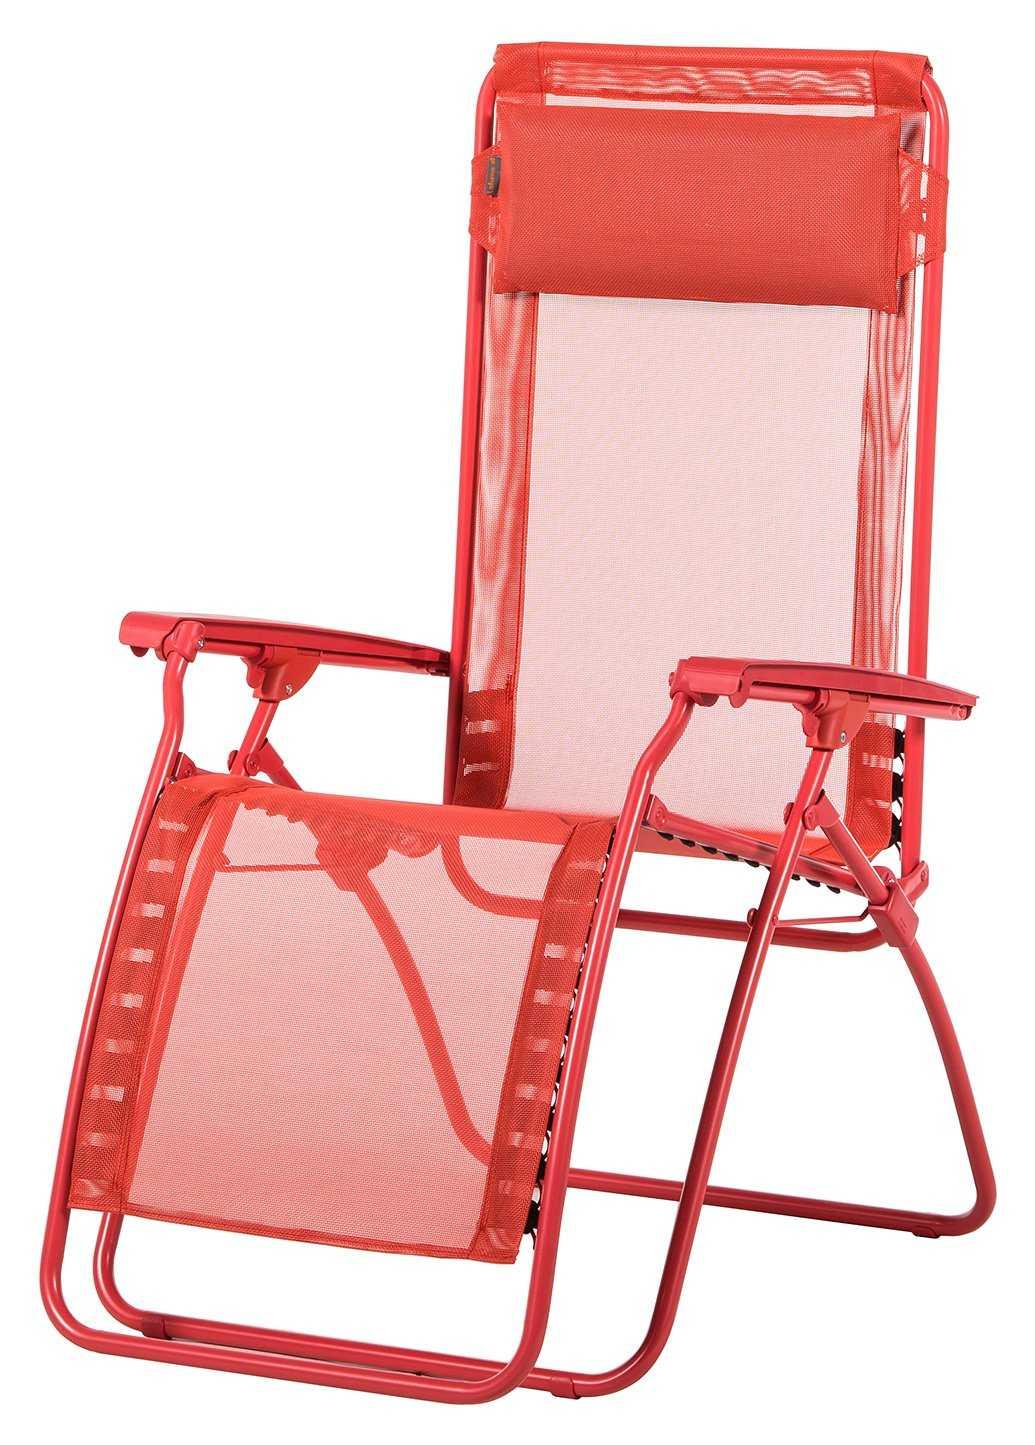 Elastique Lafuma Et Chaise Des Collection Relax Longue Wxpk80No avec Chaise Longue De Jardin Lafuma